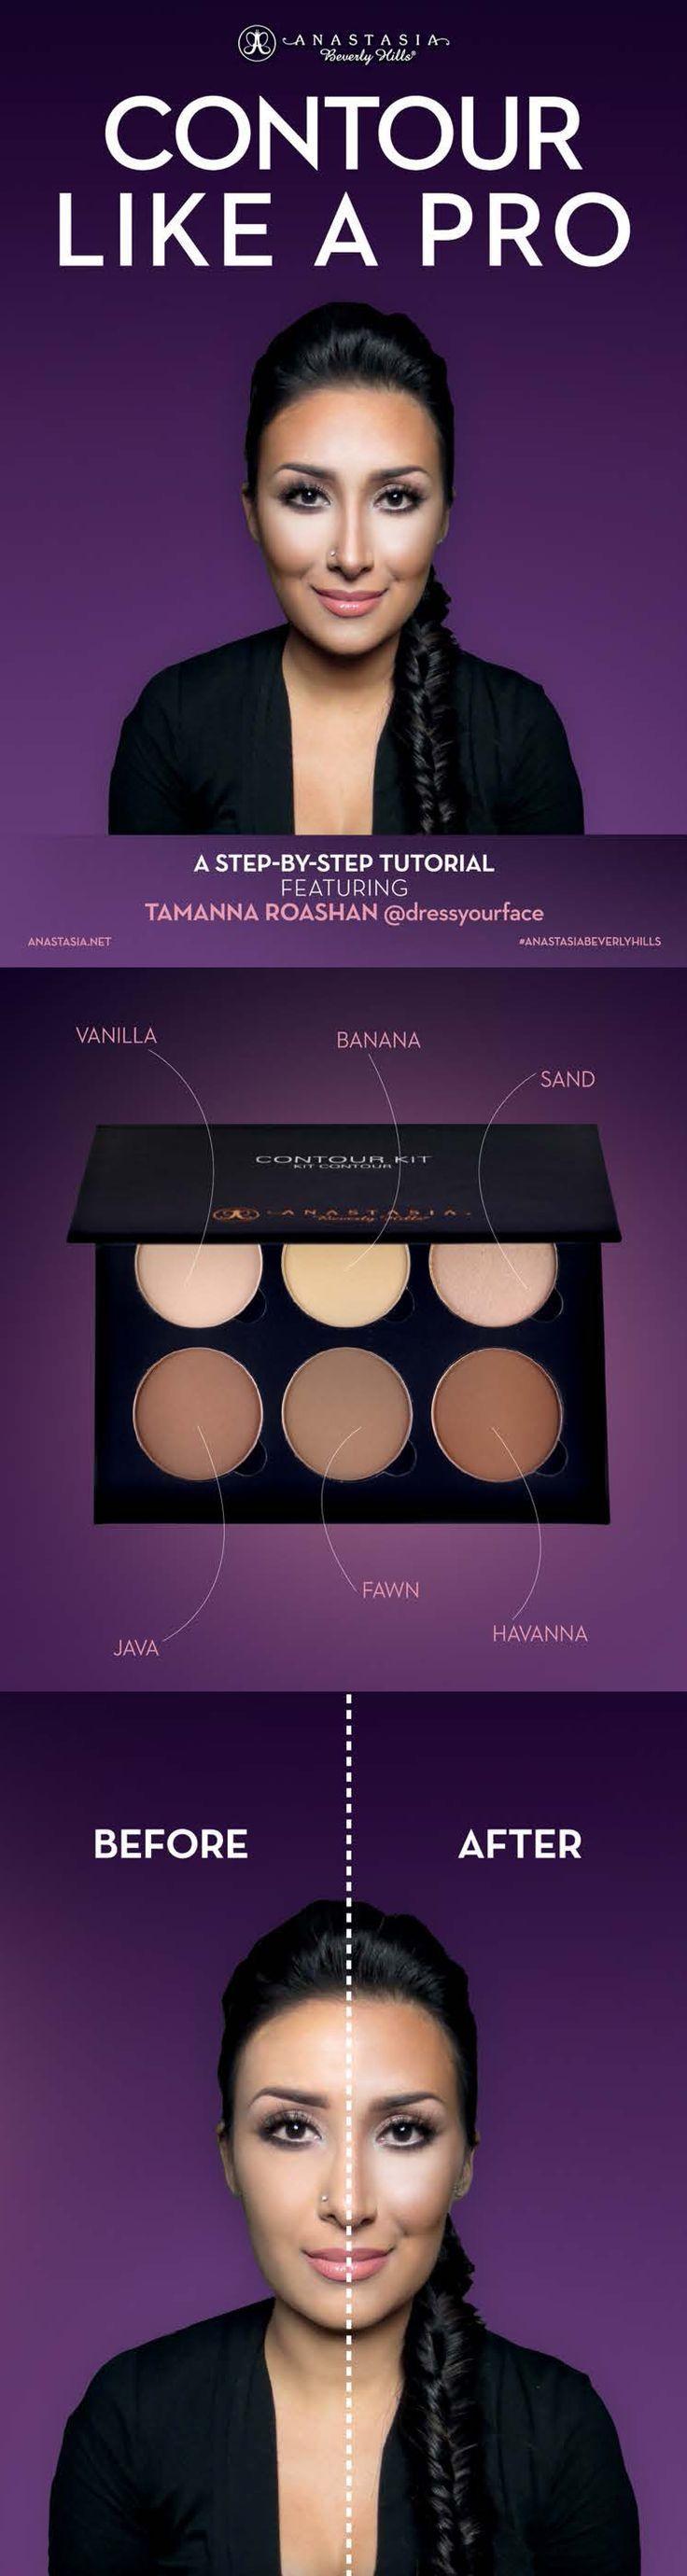 Anastasia Beverly Hills Contour Kit Medium to Tan 6 pans x 0.11 oz